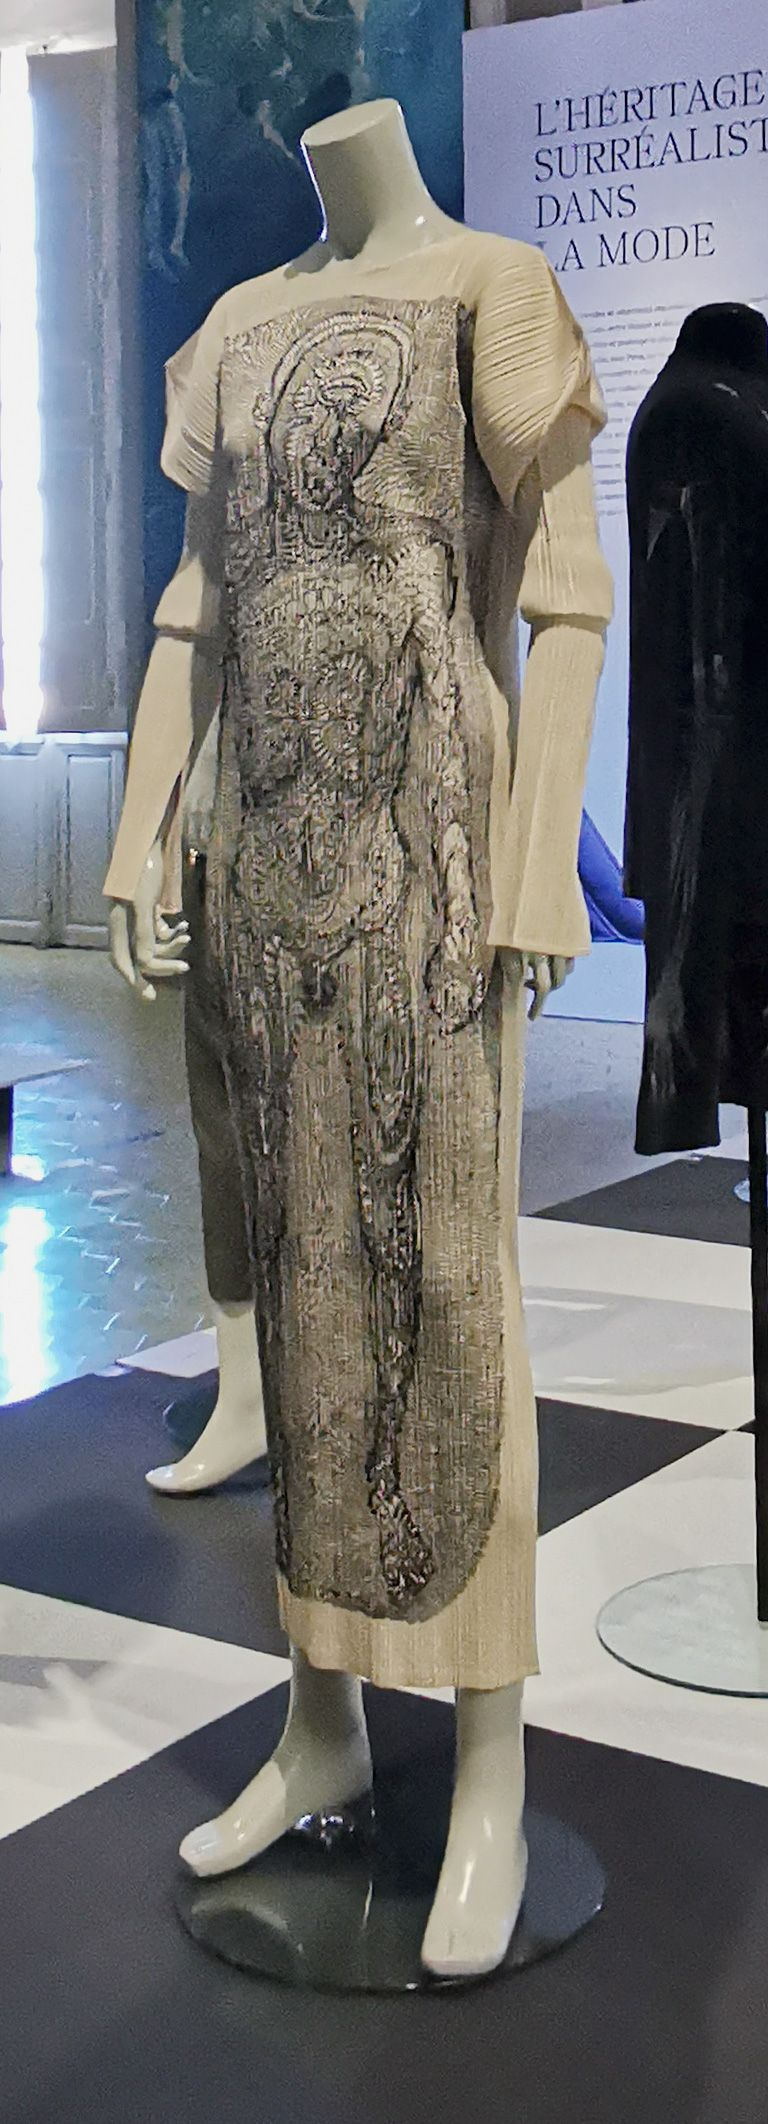 Tim Hawkinson - Robe longue « Bathtub Generated Contour Lace », 1998 - L'héritage surréaliste dans la mode au Château Borély - Grand Salon